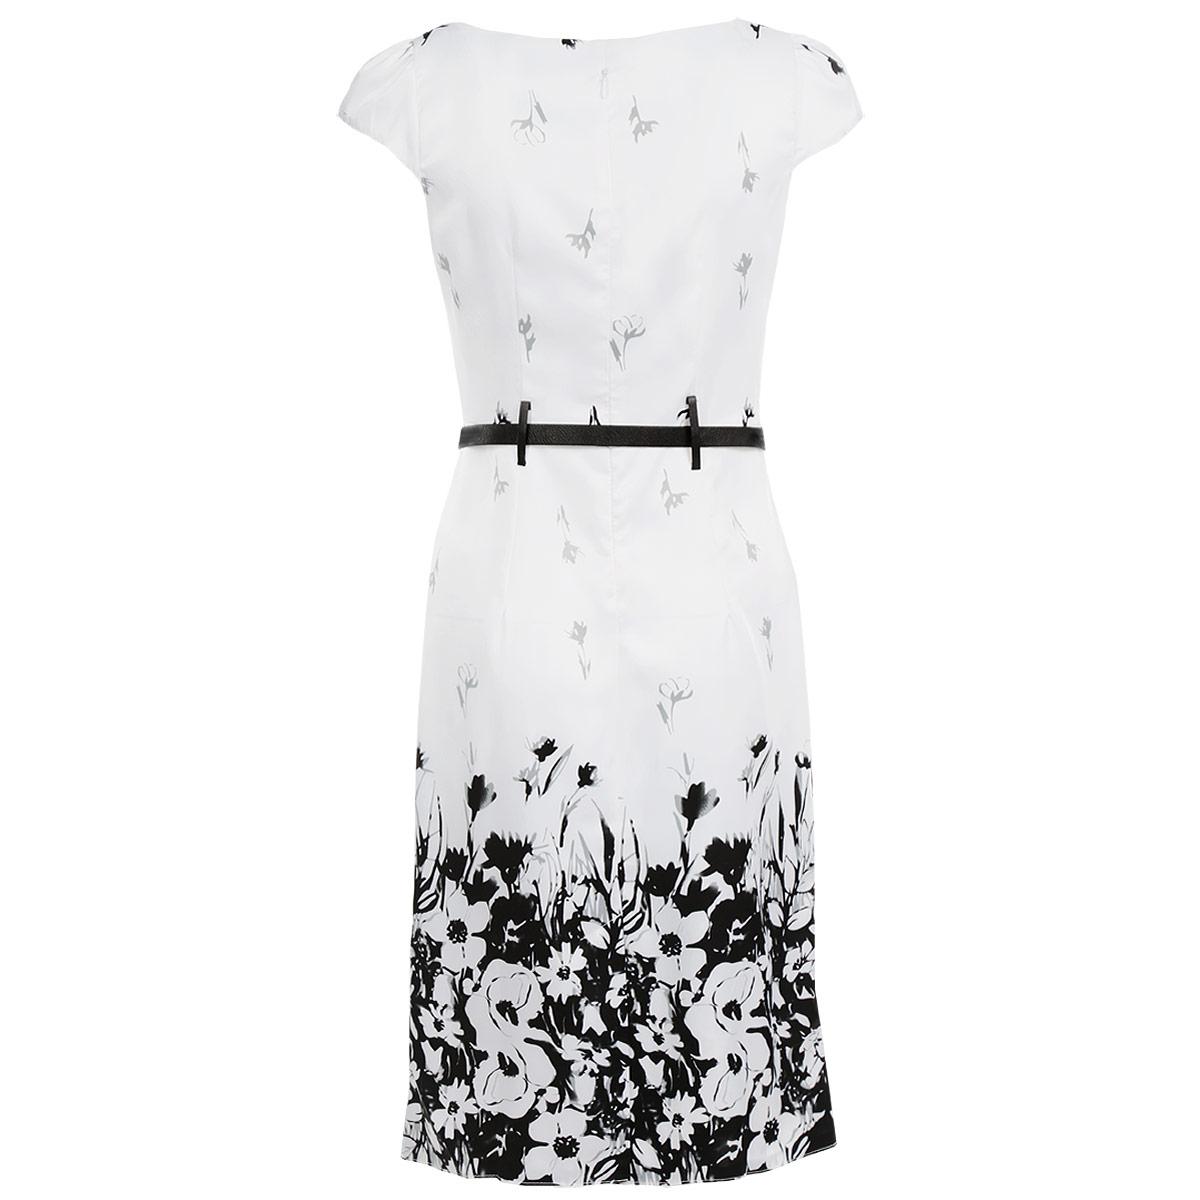 Платье Lautus, цвет: белый, черный. 300. Размер 48300Элегантное платье Lautus изготовлено из высококачественного материала. Такое платье обеспечит вам комфорт и удобство при носке.Платье с короткими рукавами и круглым вырезом горловины понравится любой ценительнице классического стиля и современных форм. Платье на спинке застегивается на застежку-молнию. Приталенный силуэт и прямая юбка великолепно подчеркнут достоинства вашей фигуры. Платье оформлено оригинальным цветочным принтом, рукава присборены по окату, что придает им пышность. В комплект входит контрастный ремень. Изысканное платье создаст обворожительный неповторимый образ.Это модное и удобное платье станет превосходным дополнением к вашему гардеробу, оно подарит вам удобство и поможет вам подчеркнуть свой вкус и неповторимый стиль.